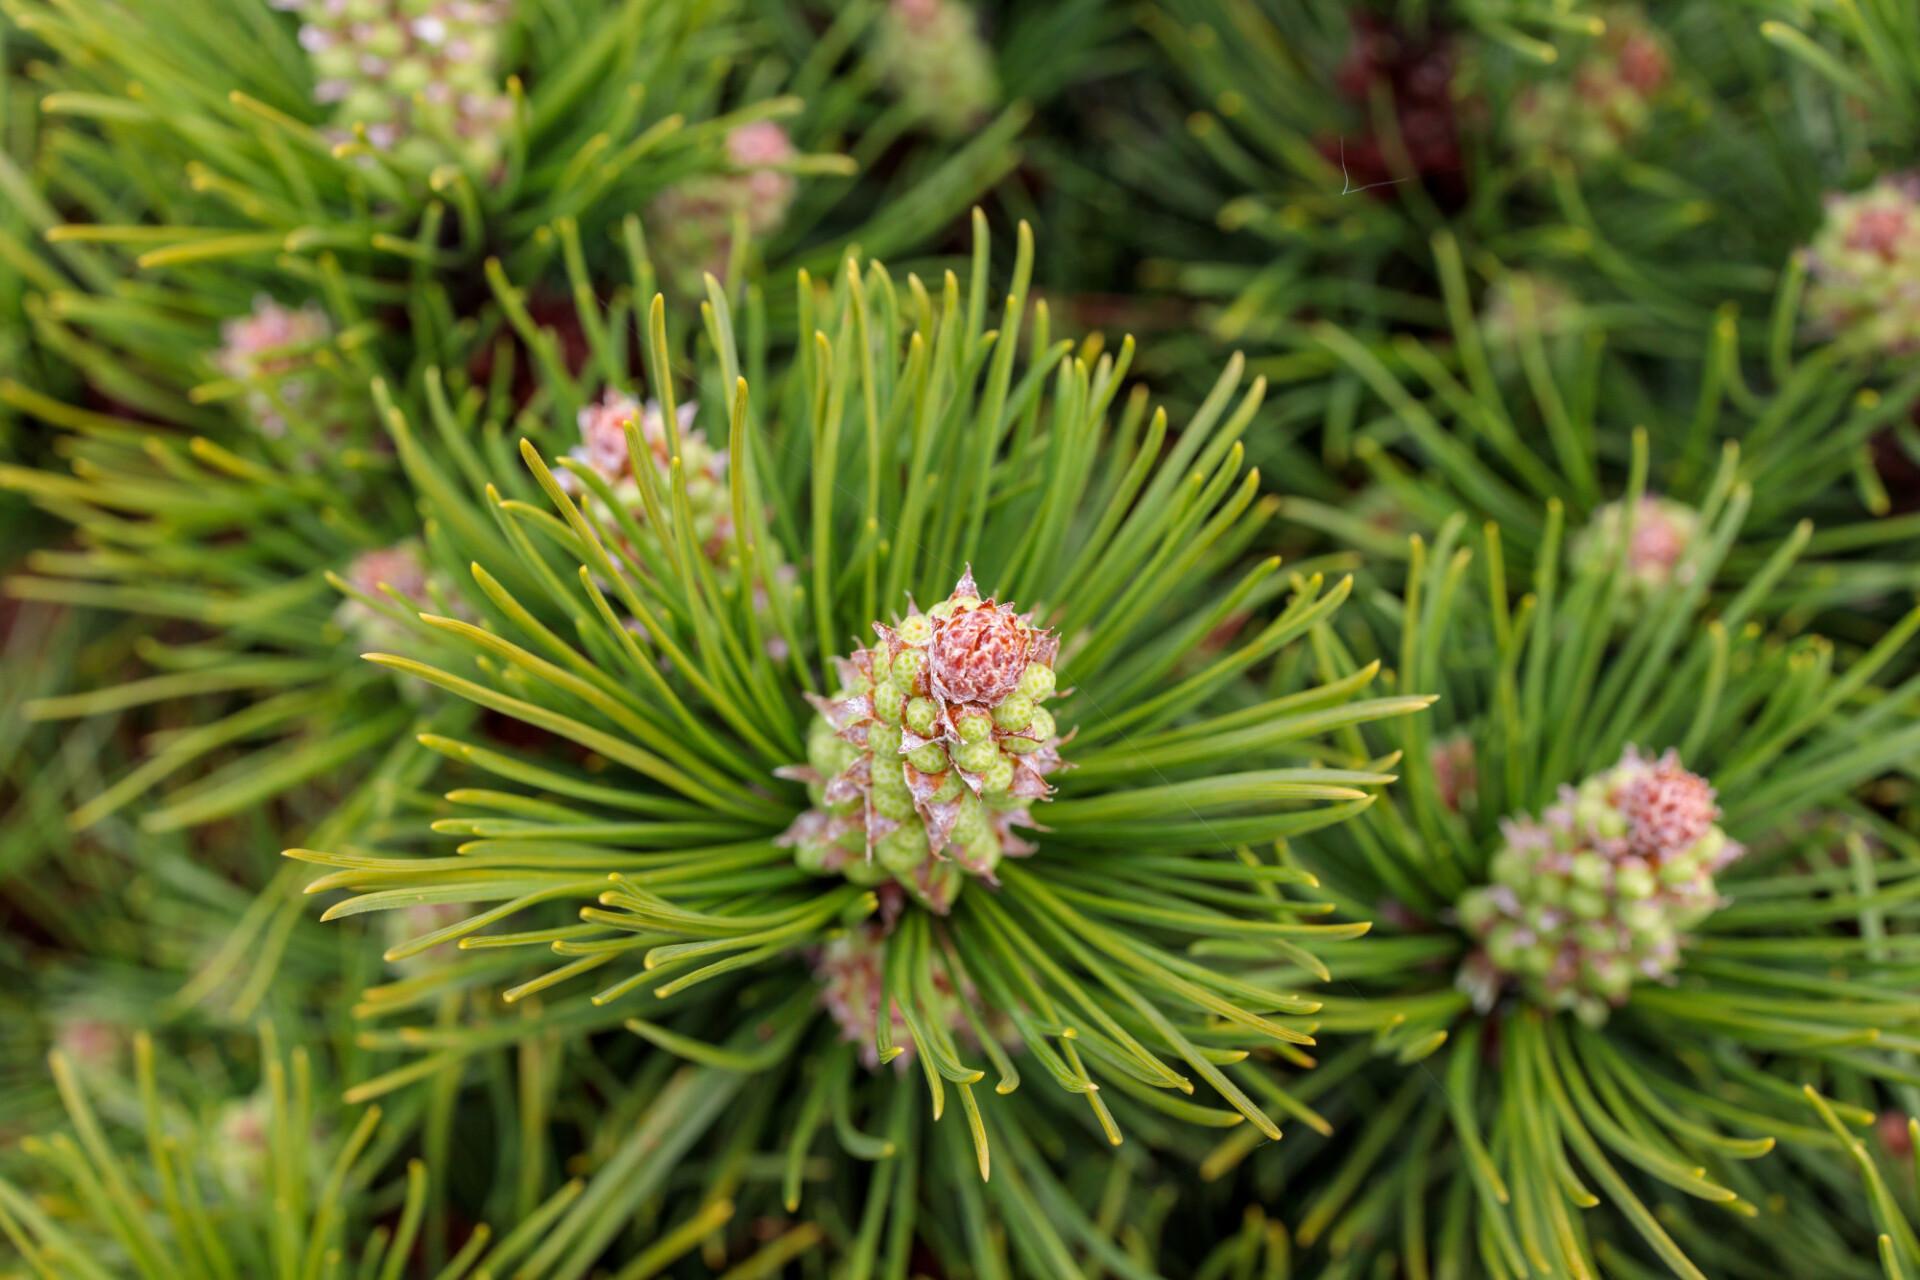 Fullframe Virginia Pine Cones Photo